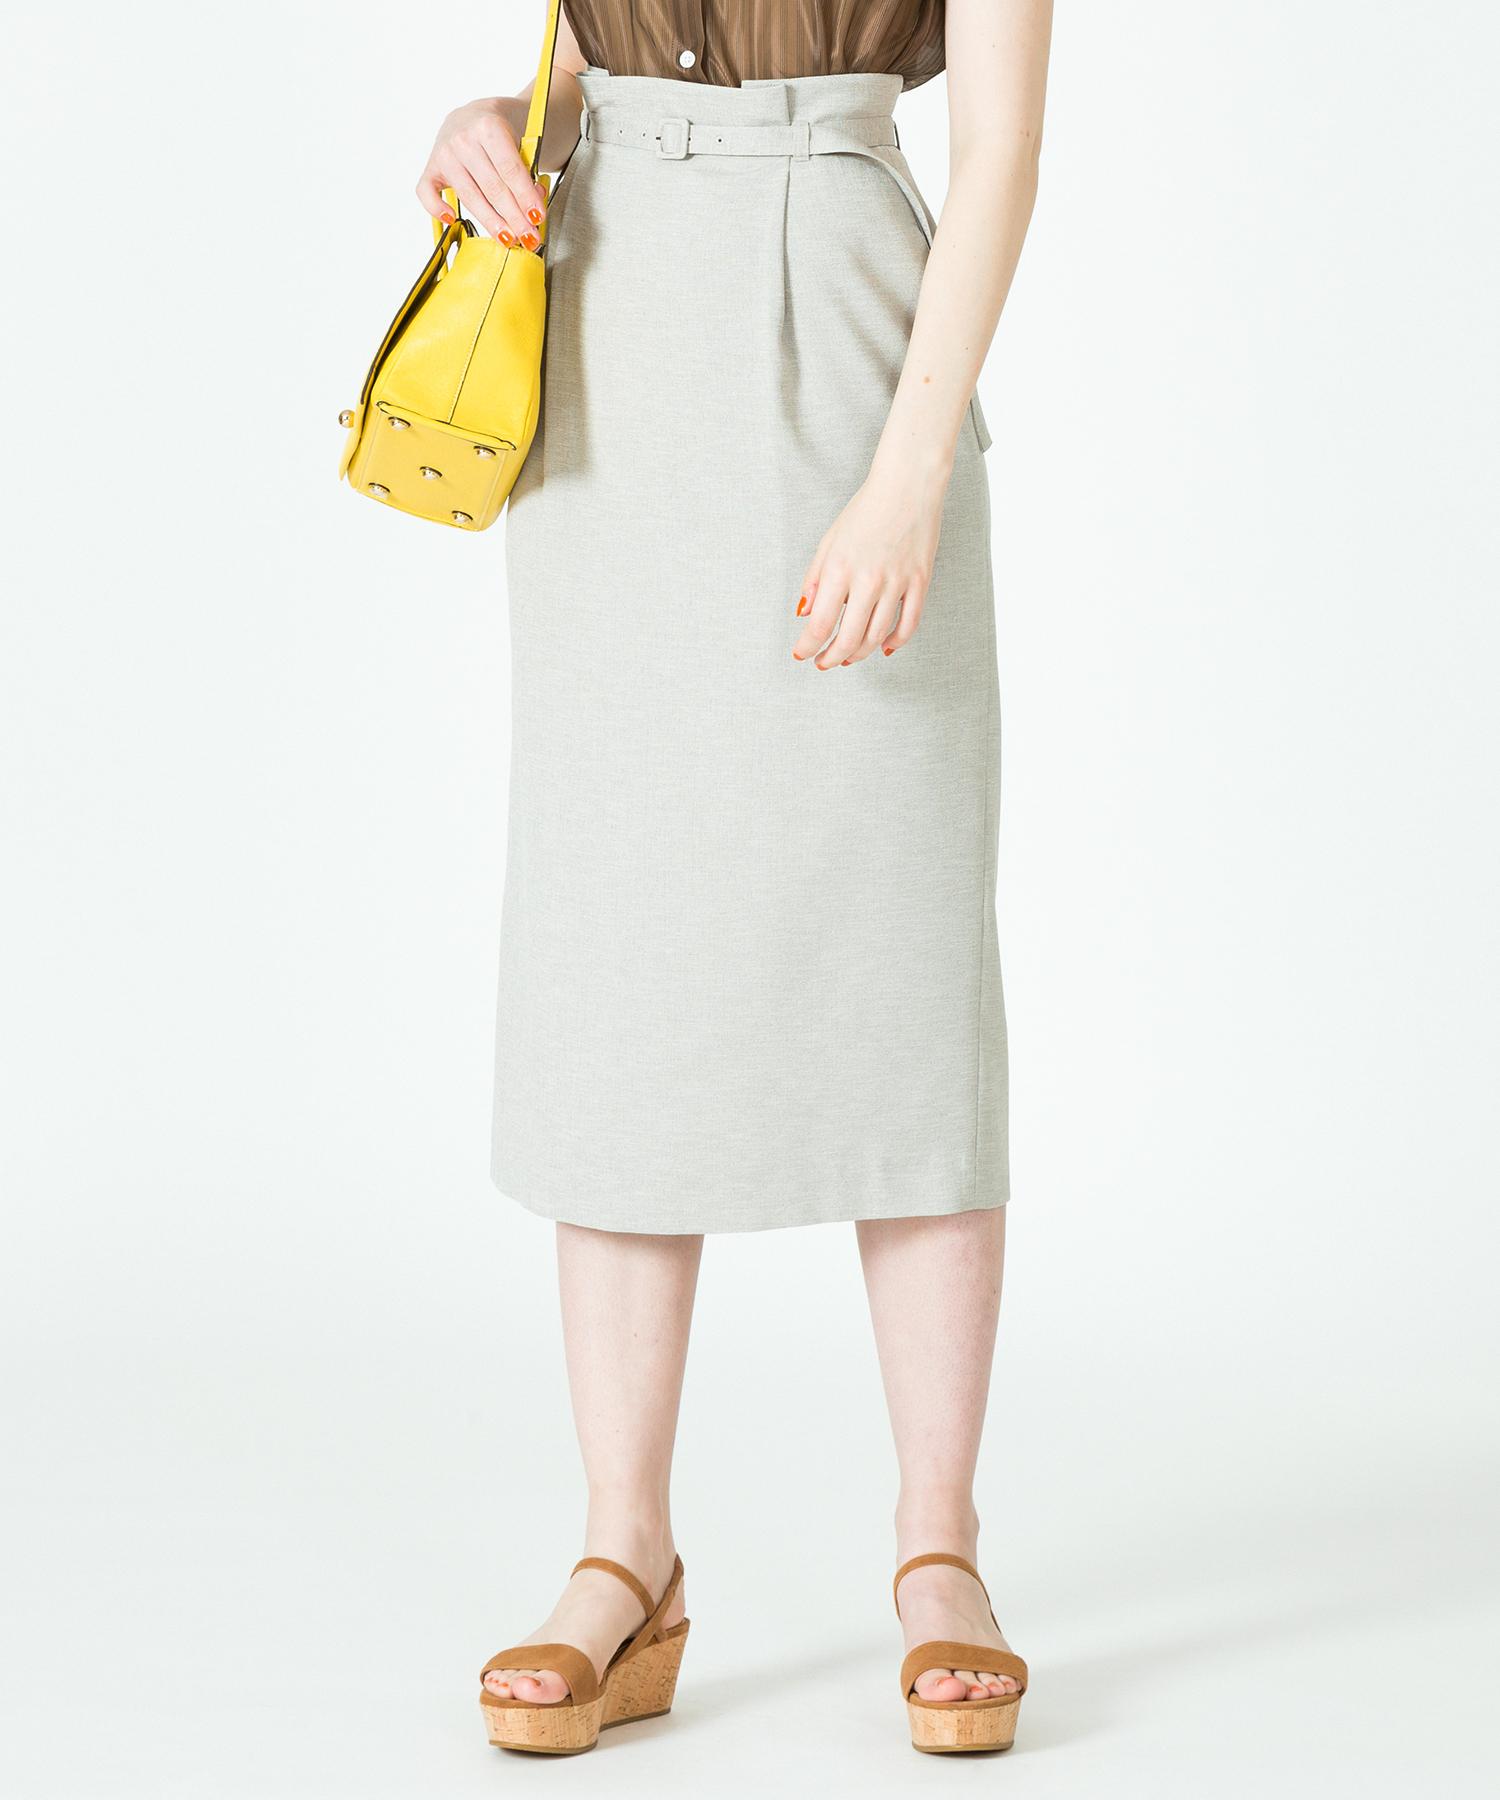 【セットアップ対応商品】アサチョウオックスペンシルスカート